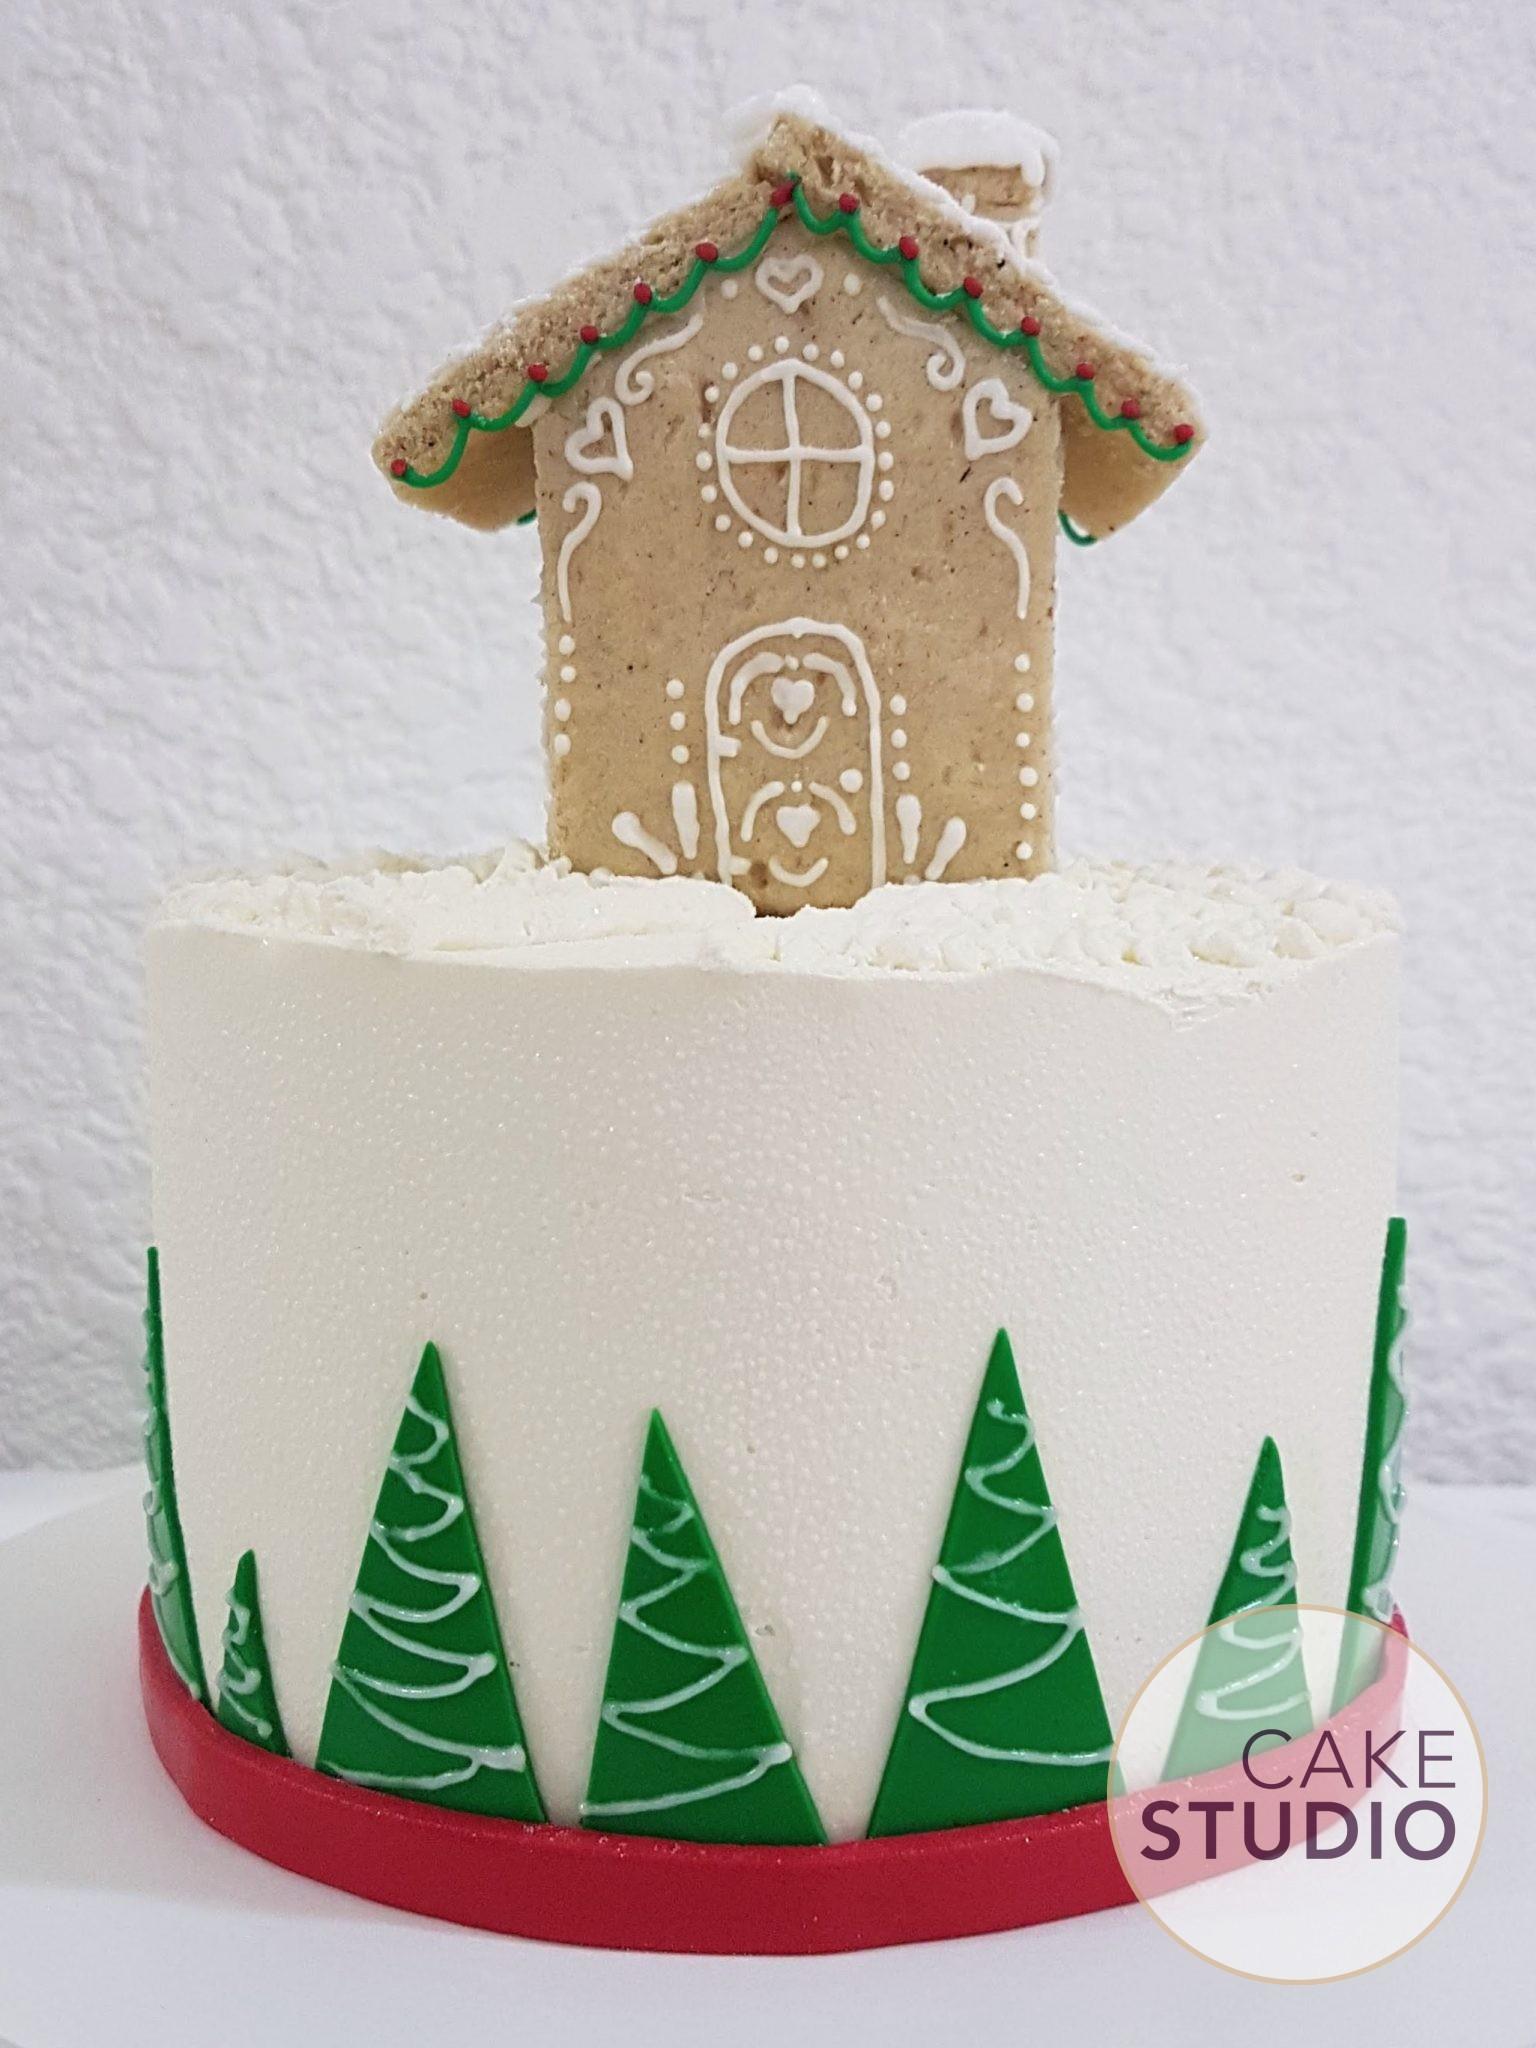 Bolo decorado de casinha de Natal (Gingerbread House). Feito por Cake Studio ( contato@cakestudio.com.br | Whatsapp: (11) 96882-2623 ).